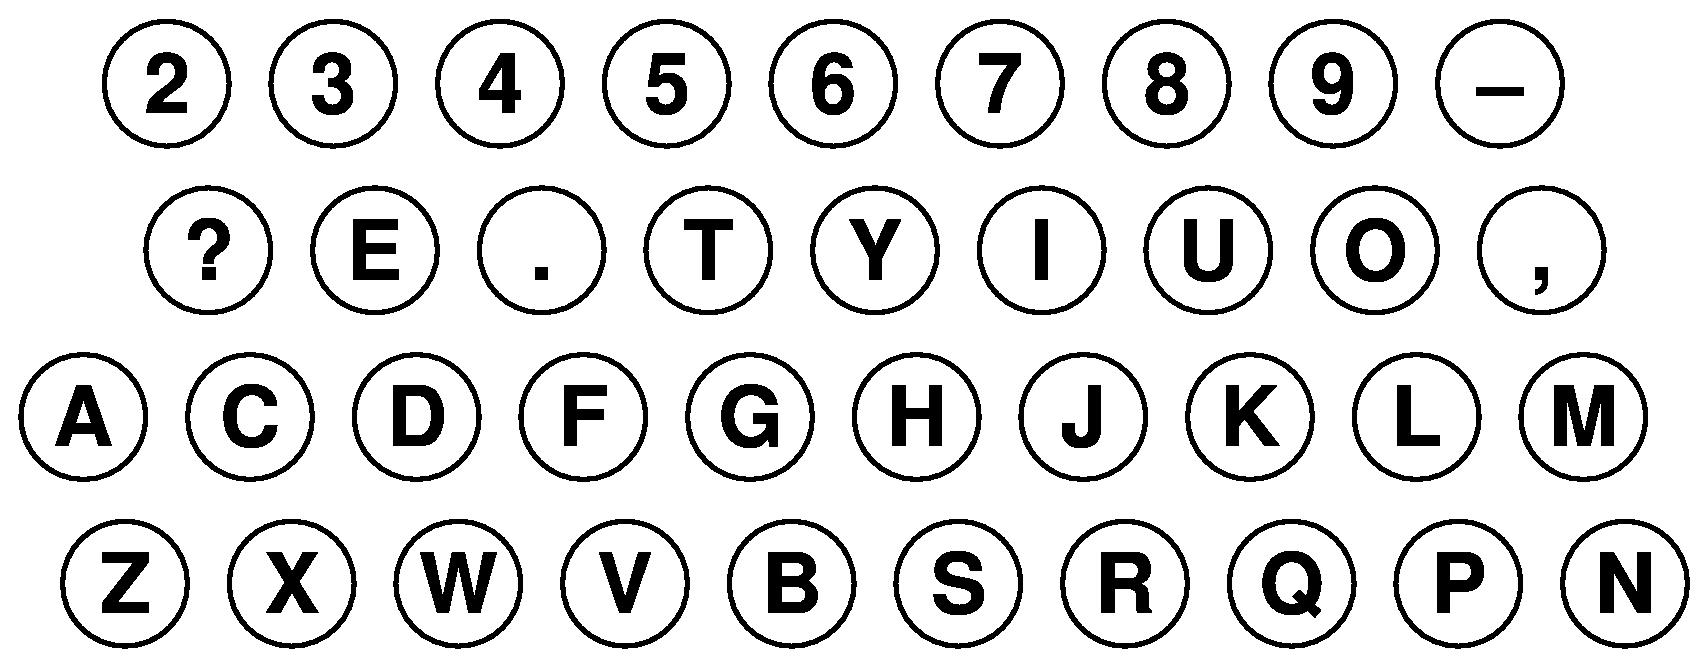 1871年9月時点のキー配列(推定)